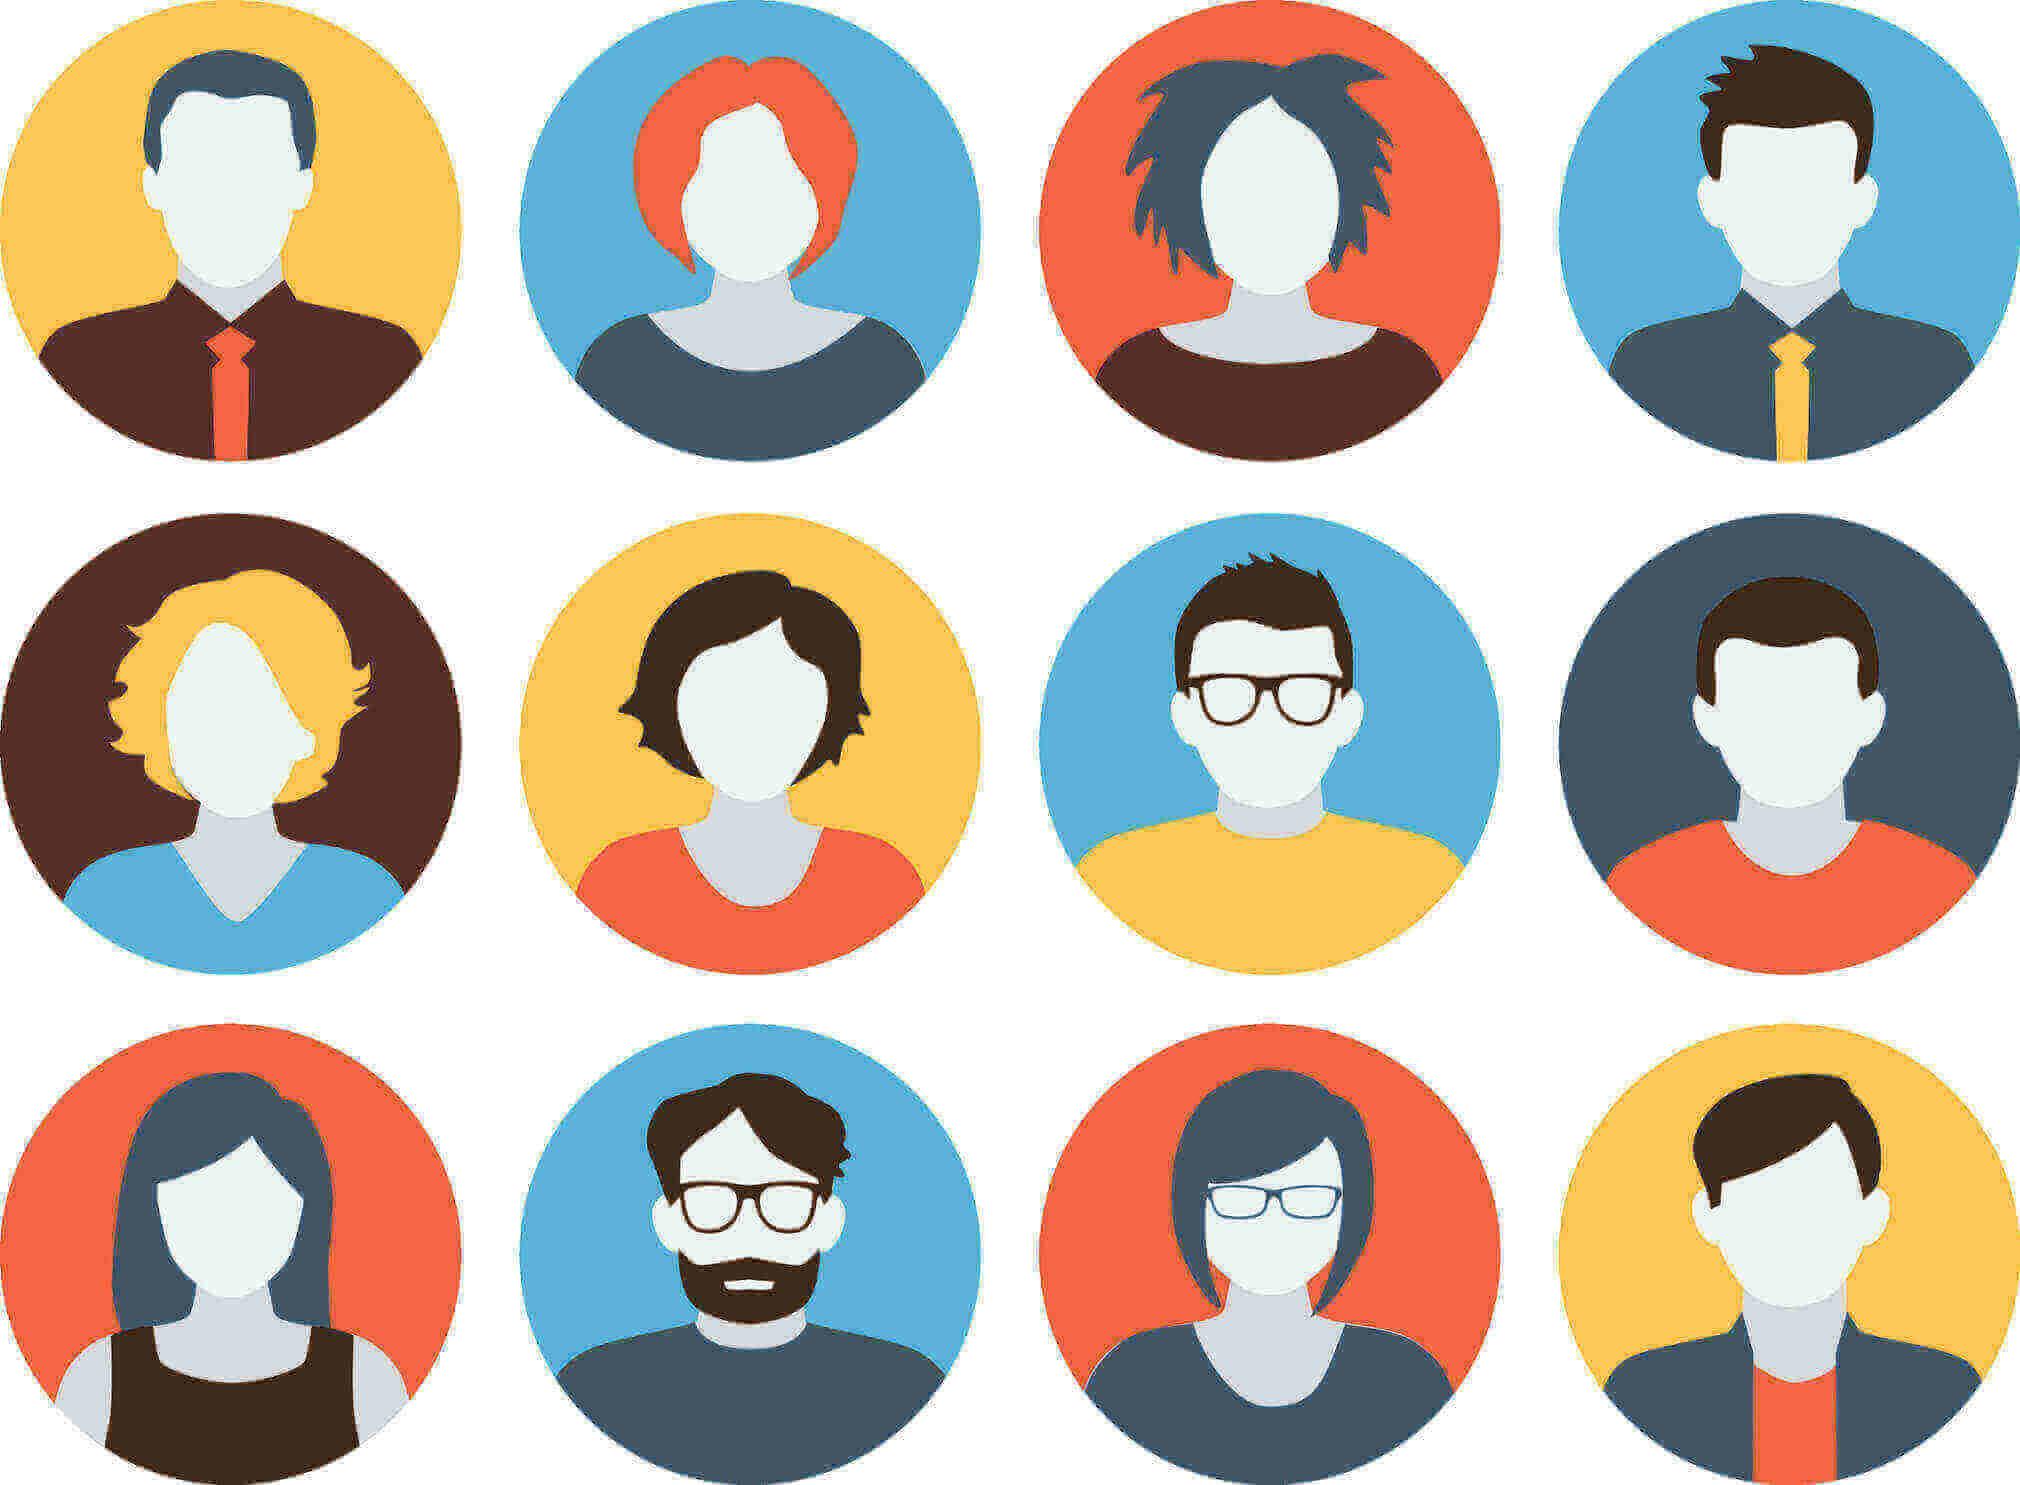 10 Ideen für das perfekte Profilbild auf Instagram, Twitter & Co.